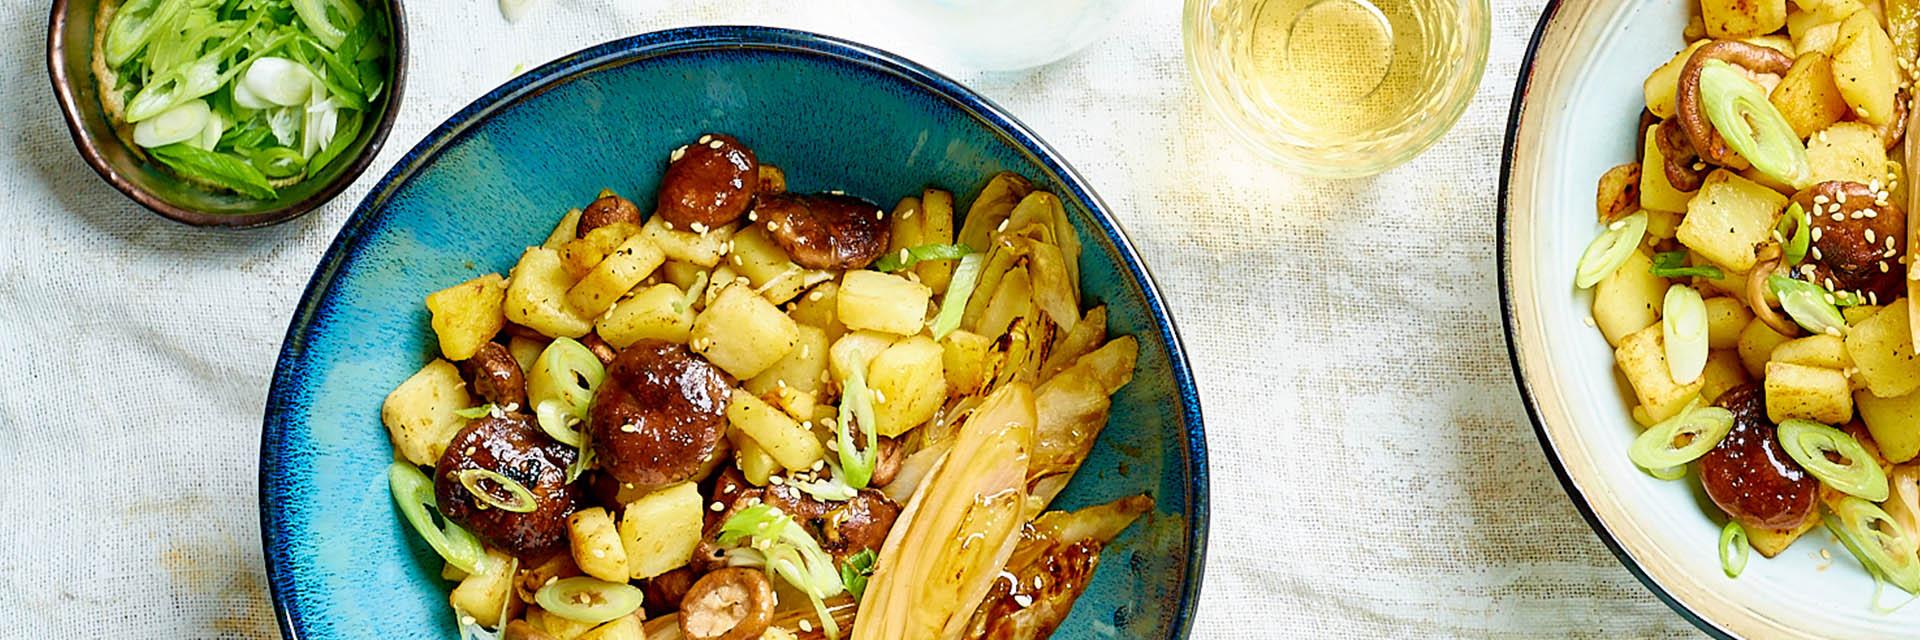 Wokgerecht met aardappel, witlof en hoisinsaus